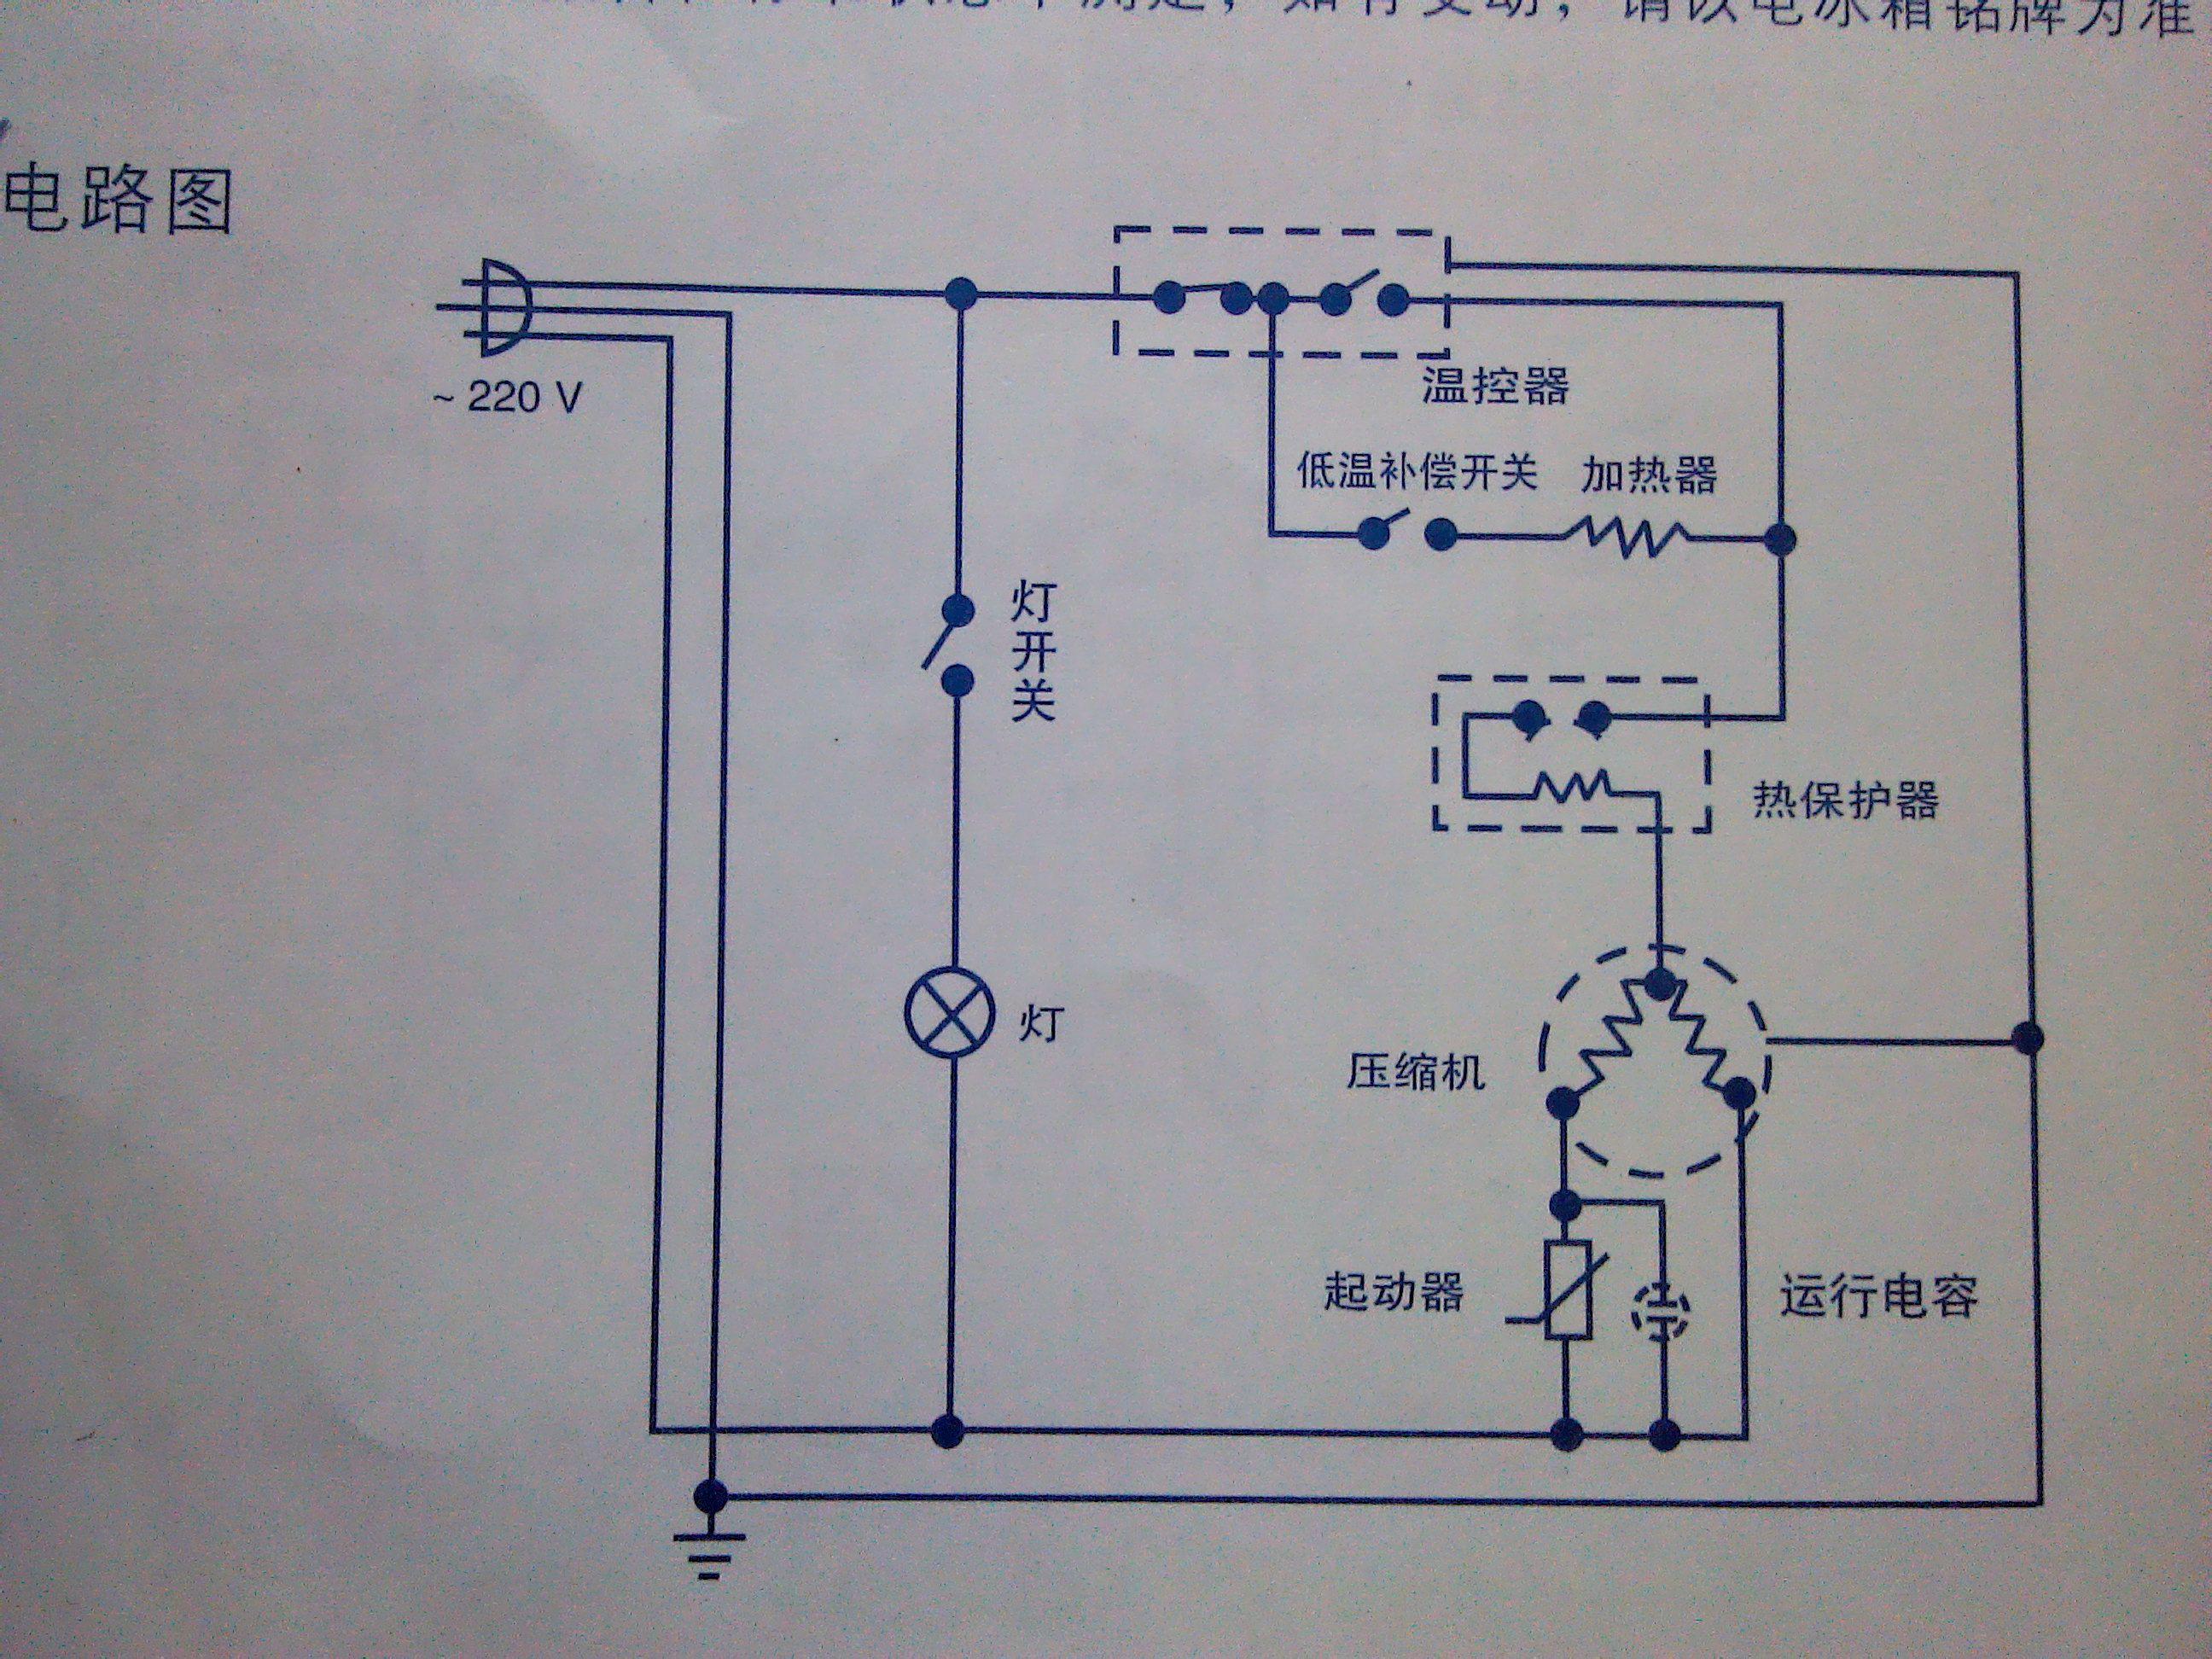 """温控器对冰箱有影响吗?修冰箱的说我家的温控器坏了(图2)  温控器对冰箱有影响吗?修冰箱的说我家的温控器坏了(图4)  温控器对冰箱有影响吗?修冰箱的说我家的温控器坏了(图6)  温控器对冰箱有影响吗?修冰箱的说我家的温控器坏了(图8)  温控器对冰箱有影响吗?修冰箱的说我家的温控器坏了(图10)  温控器对冰箱有影响吗?修冰箱的说我家的温控器坏了(图12) 为了解决用户可能碰到关于""""温控器对冰箱有影响吗?修冰箱的说我家的温控器坏了""""相关的问题,突袭网经过收集整理为用户提供相关的解决办法,请注意,解"""